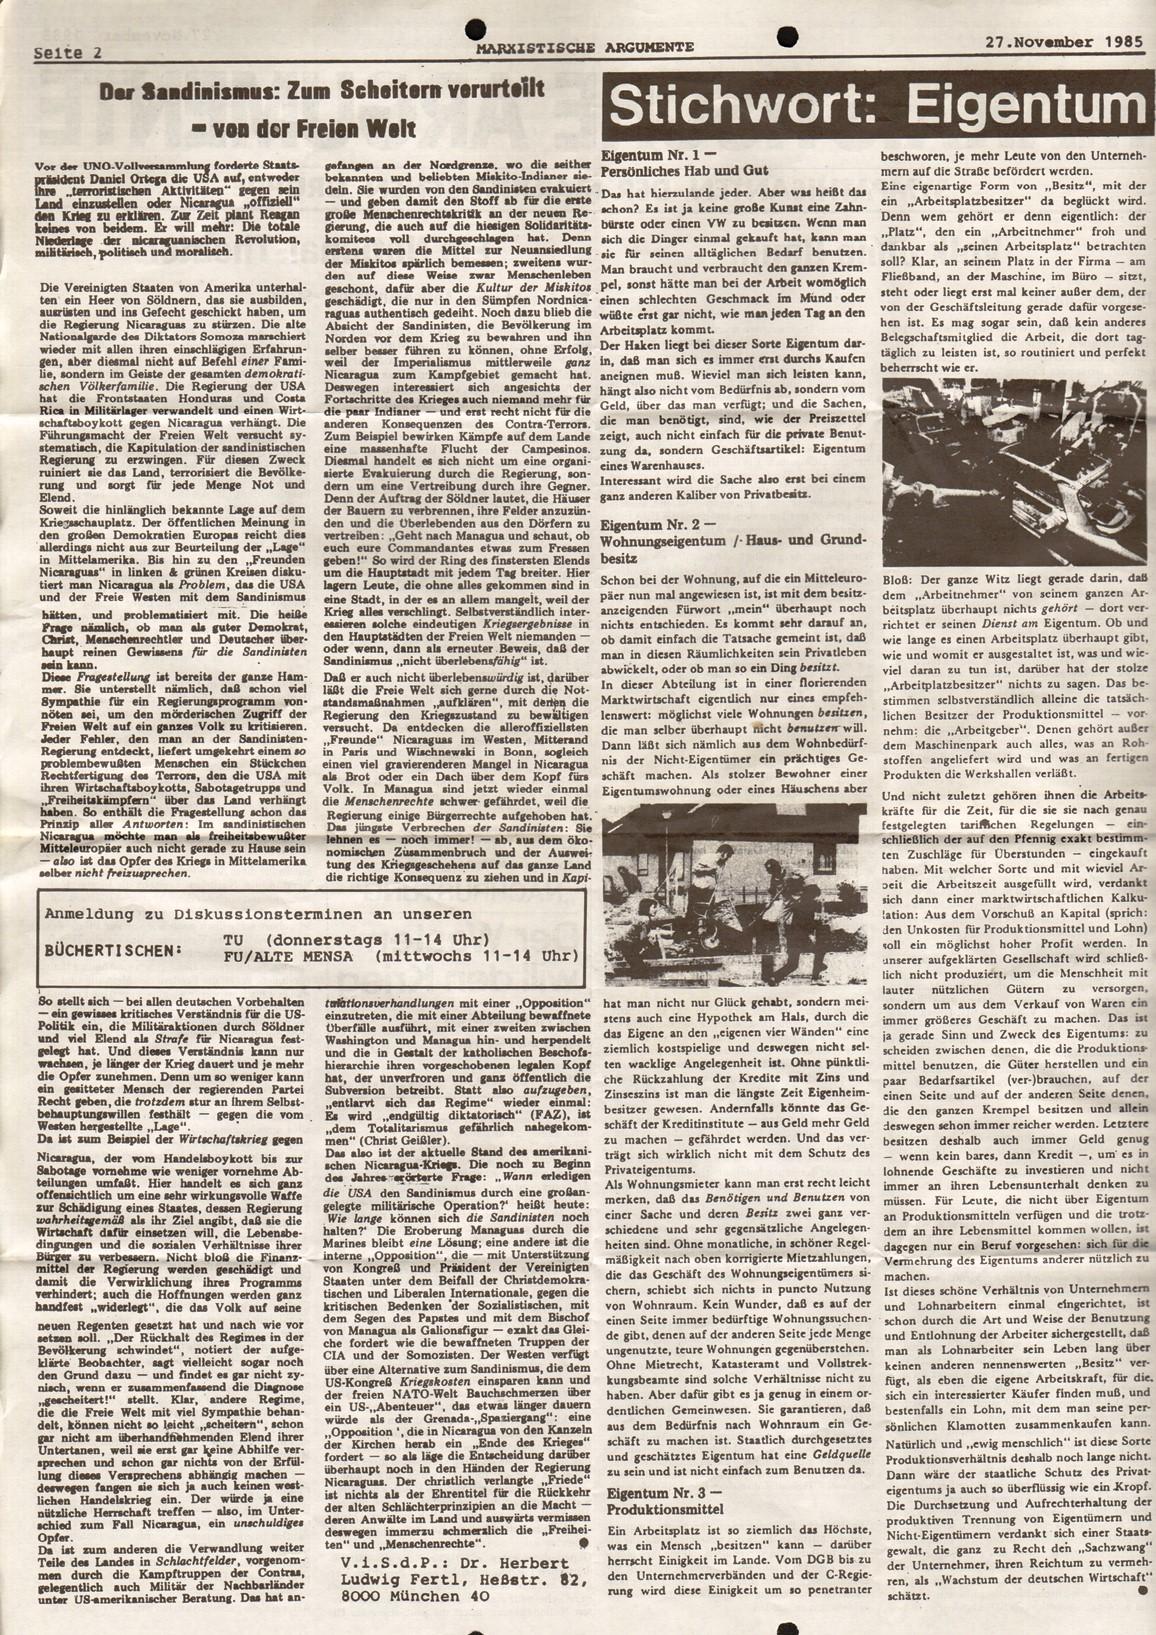 Berlin_MG_Symp_Argumente_19851127_02